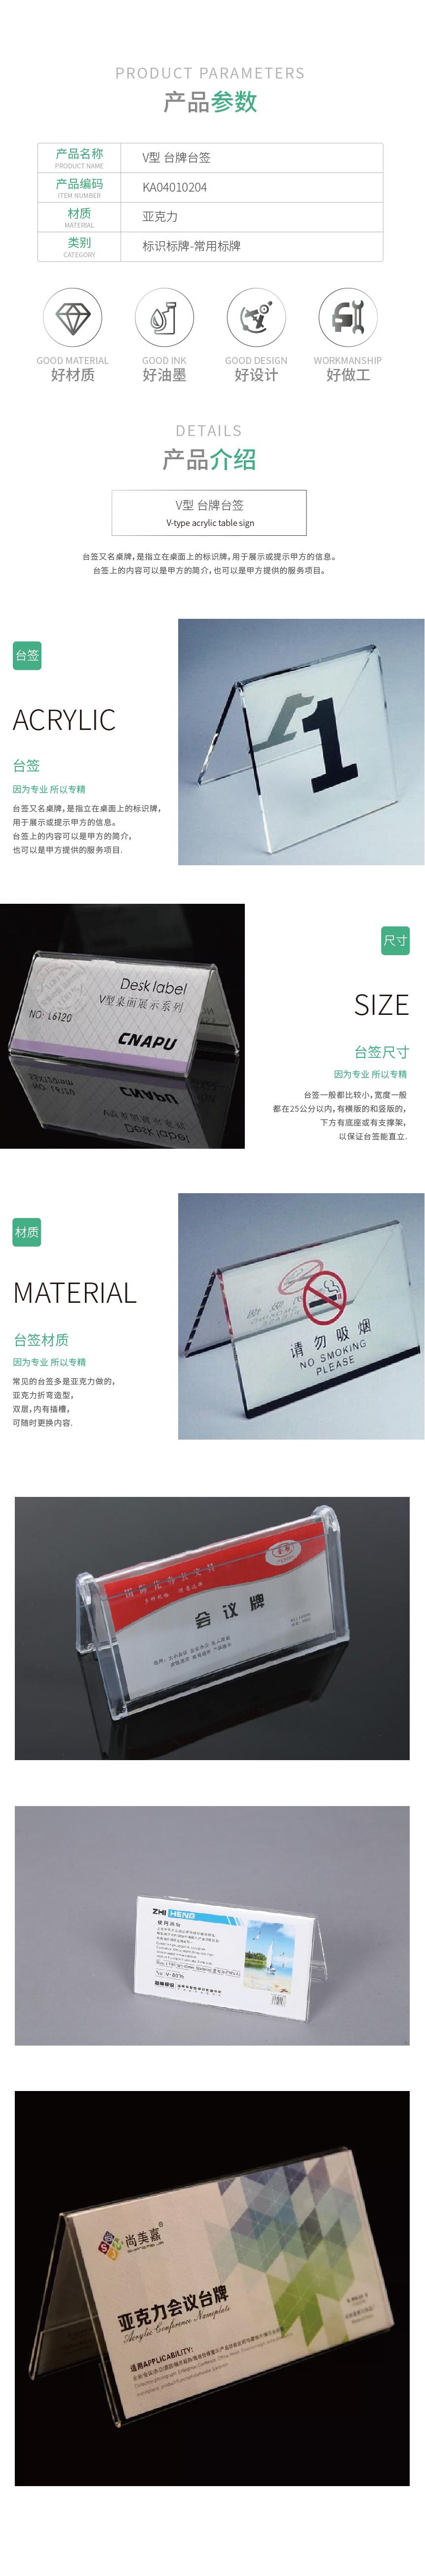 KA040101-KA040102产品详情_V型 台牌台签.jpg